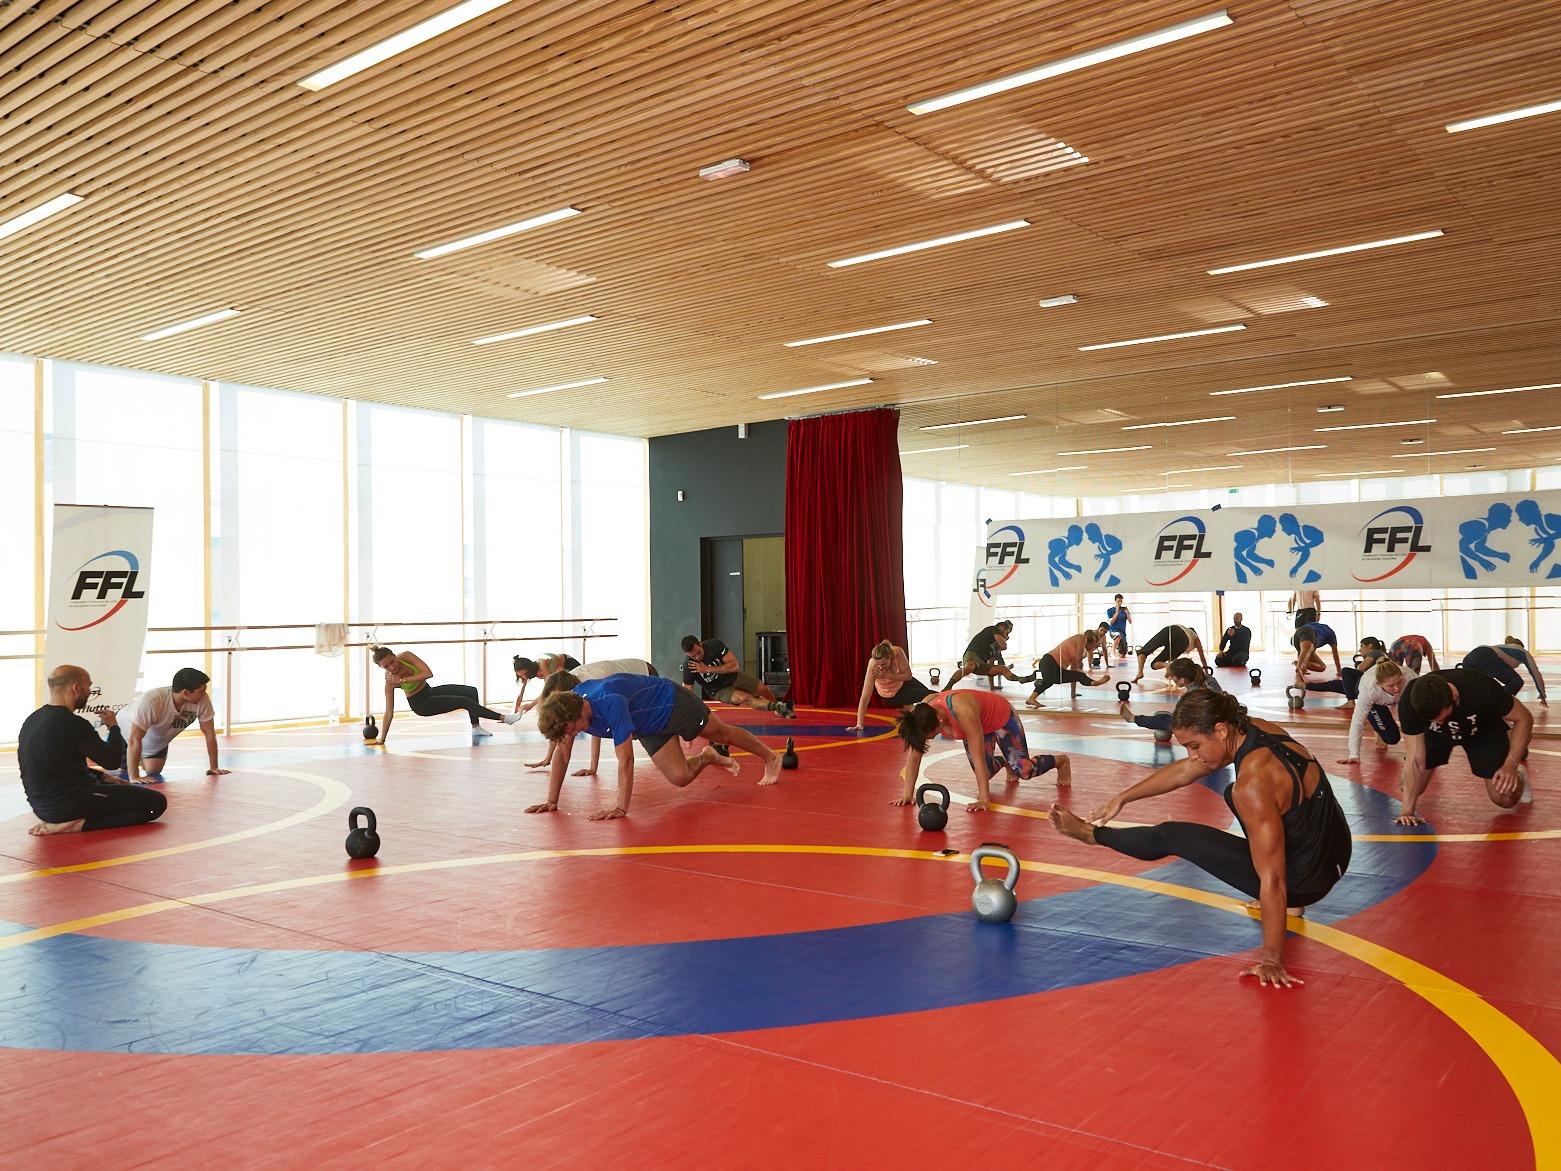 Le Wrestling Training : l'entraînement fitness issu de la lutte